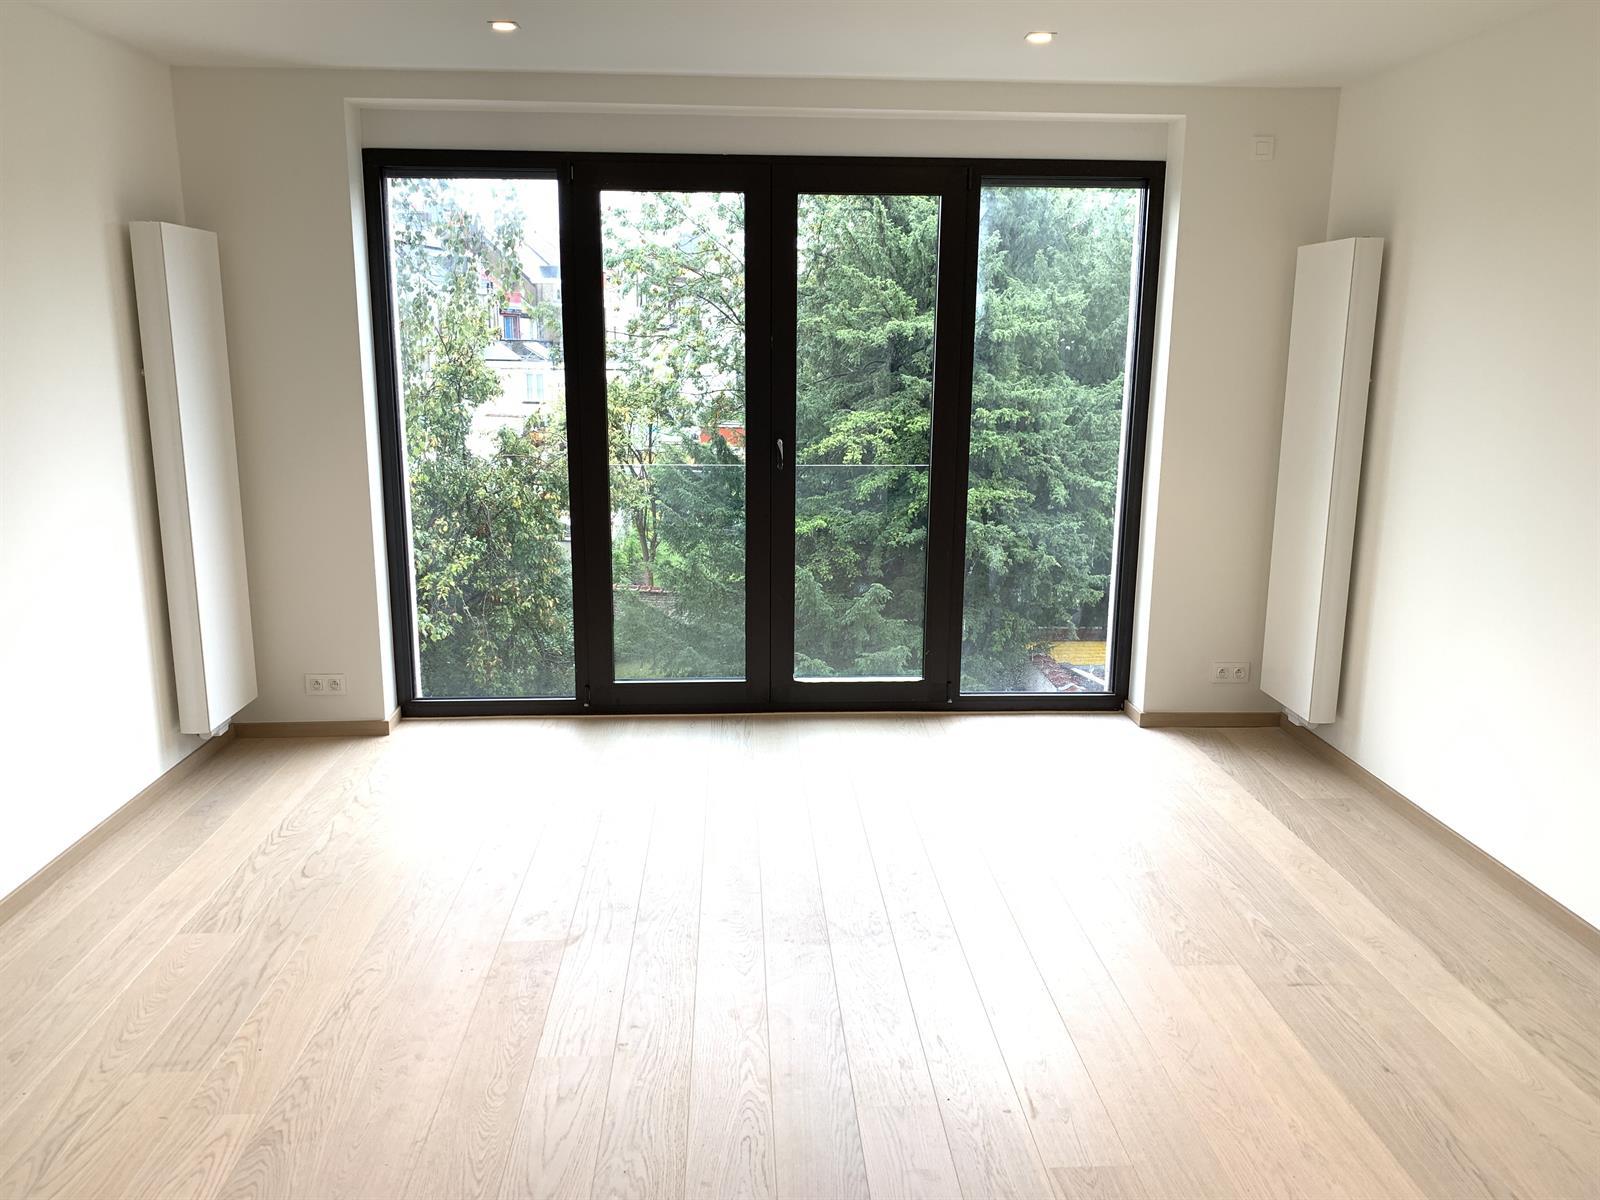 Flat - Ixelles - #4372458-2